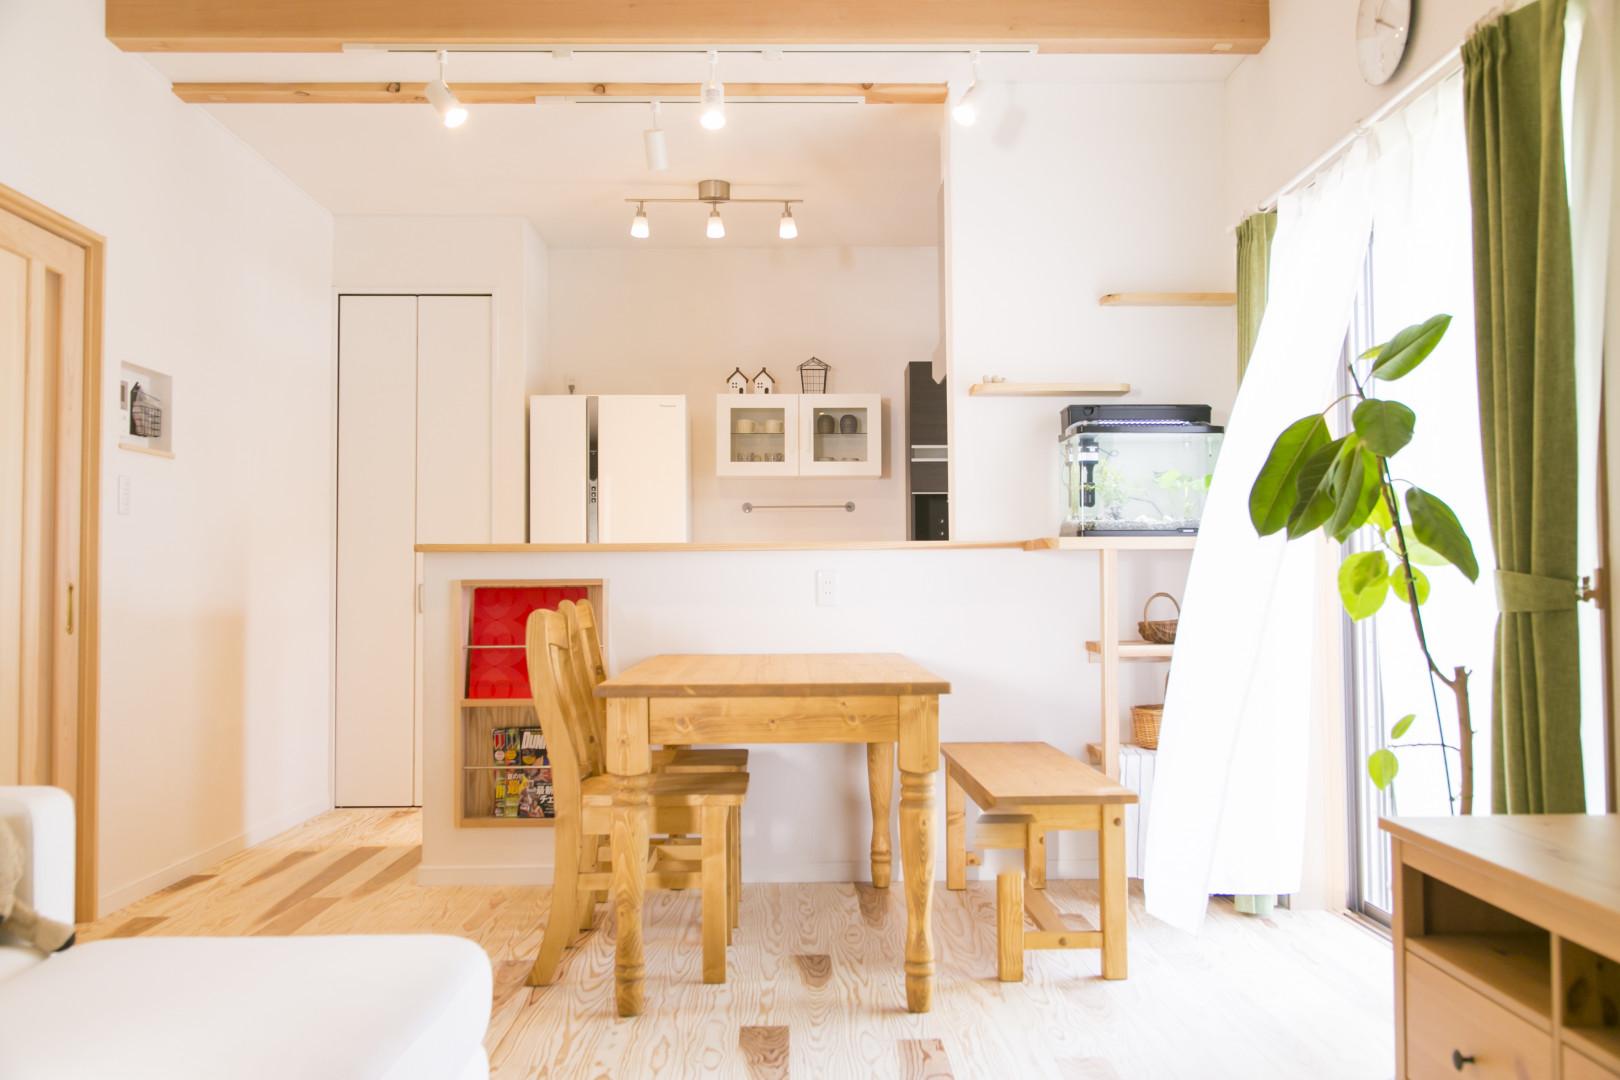 「家族の健康を第一に考えた自然素材にこだわる家」 アイキャッチ画像